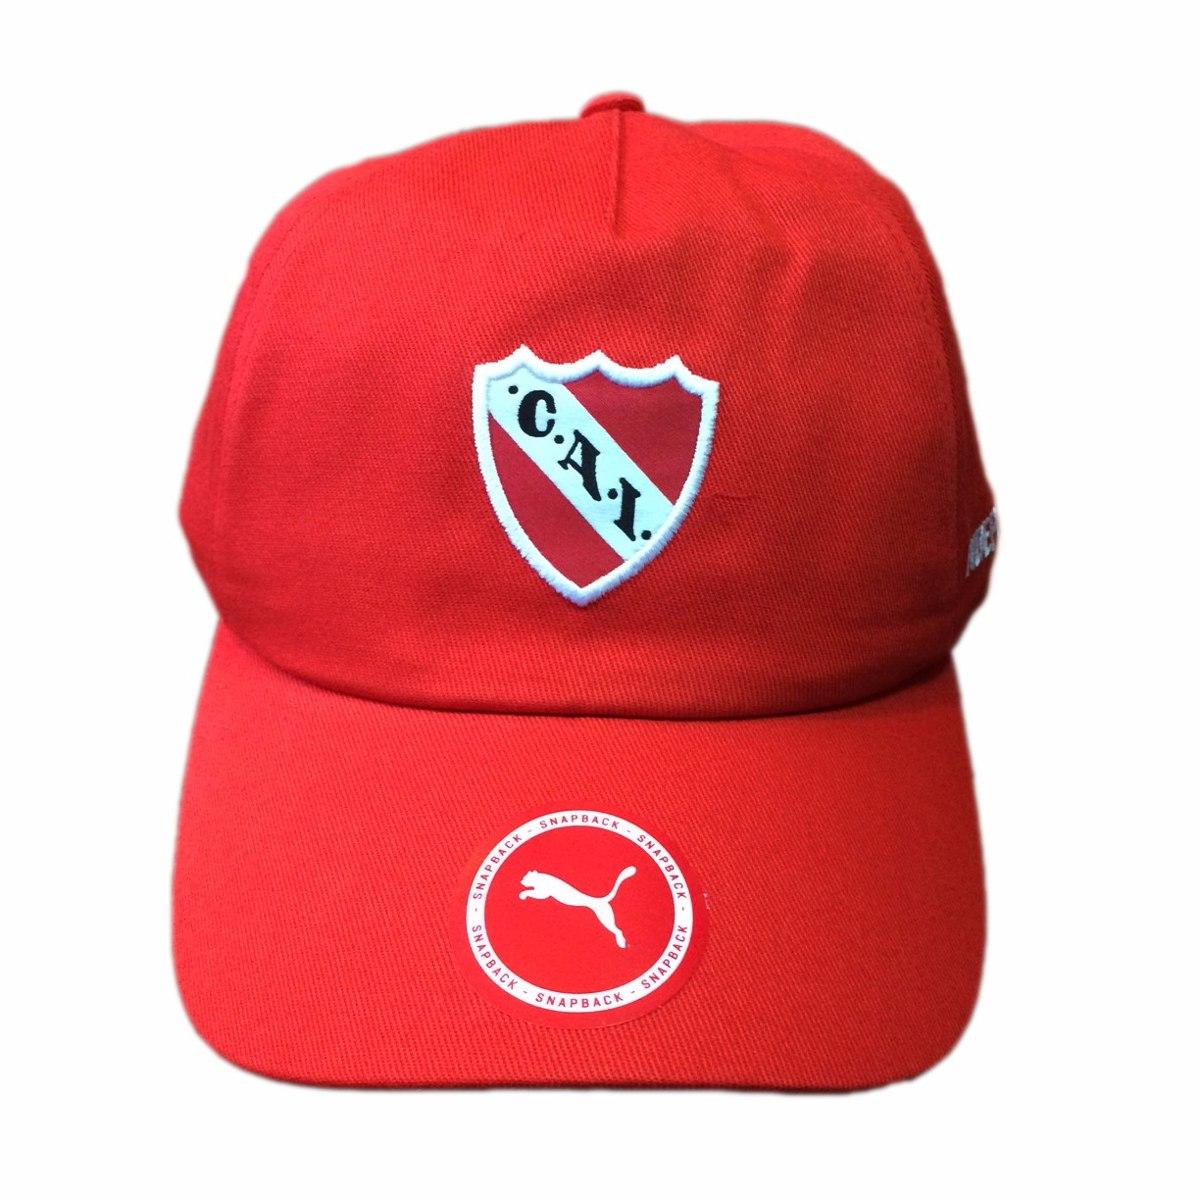 a49758e3a gorra independiente puma roja. Cargando zoom.